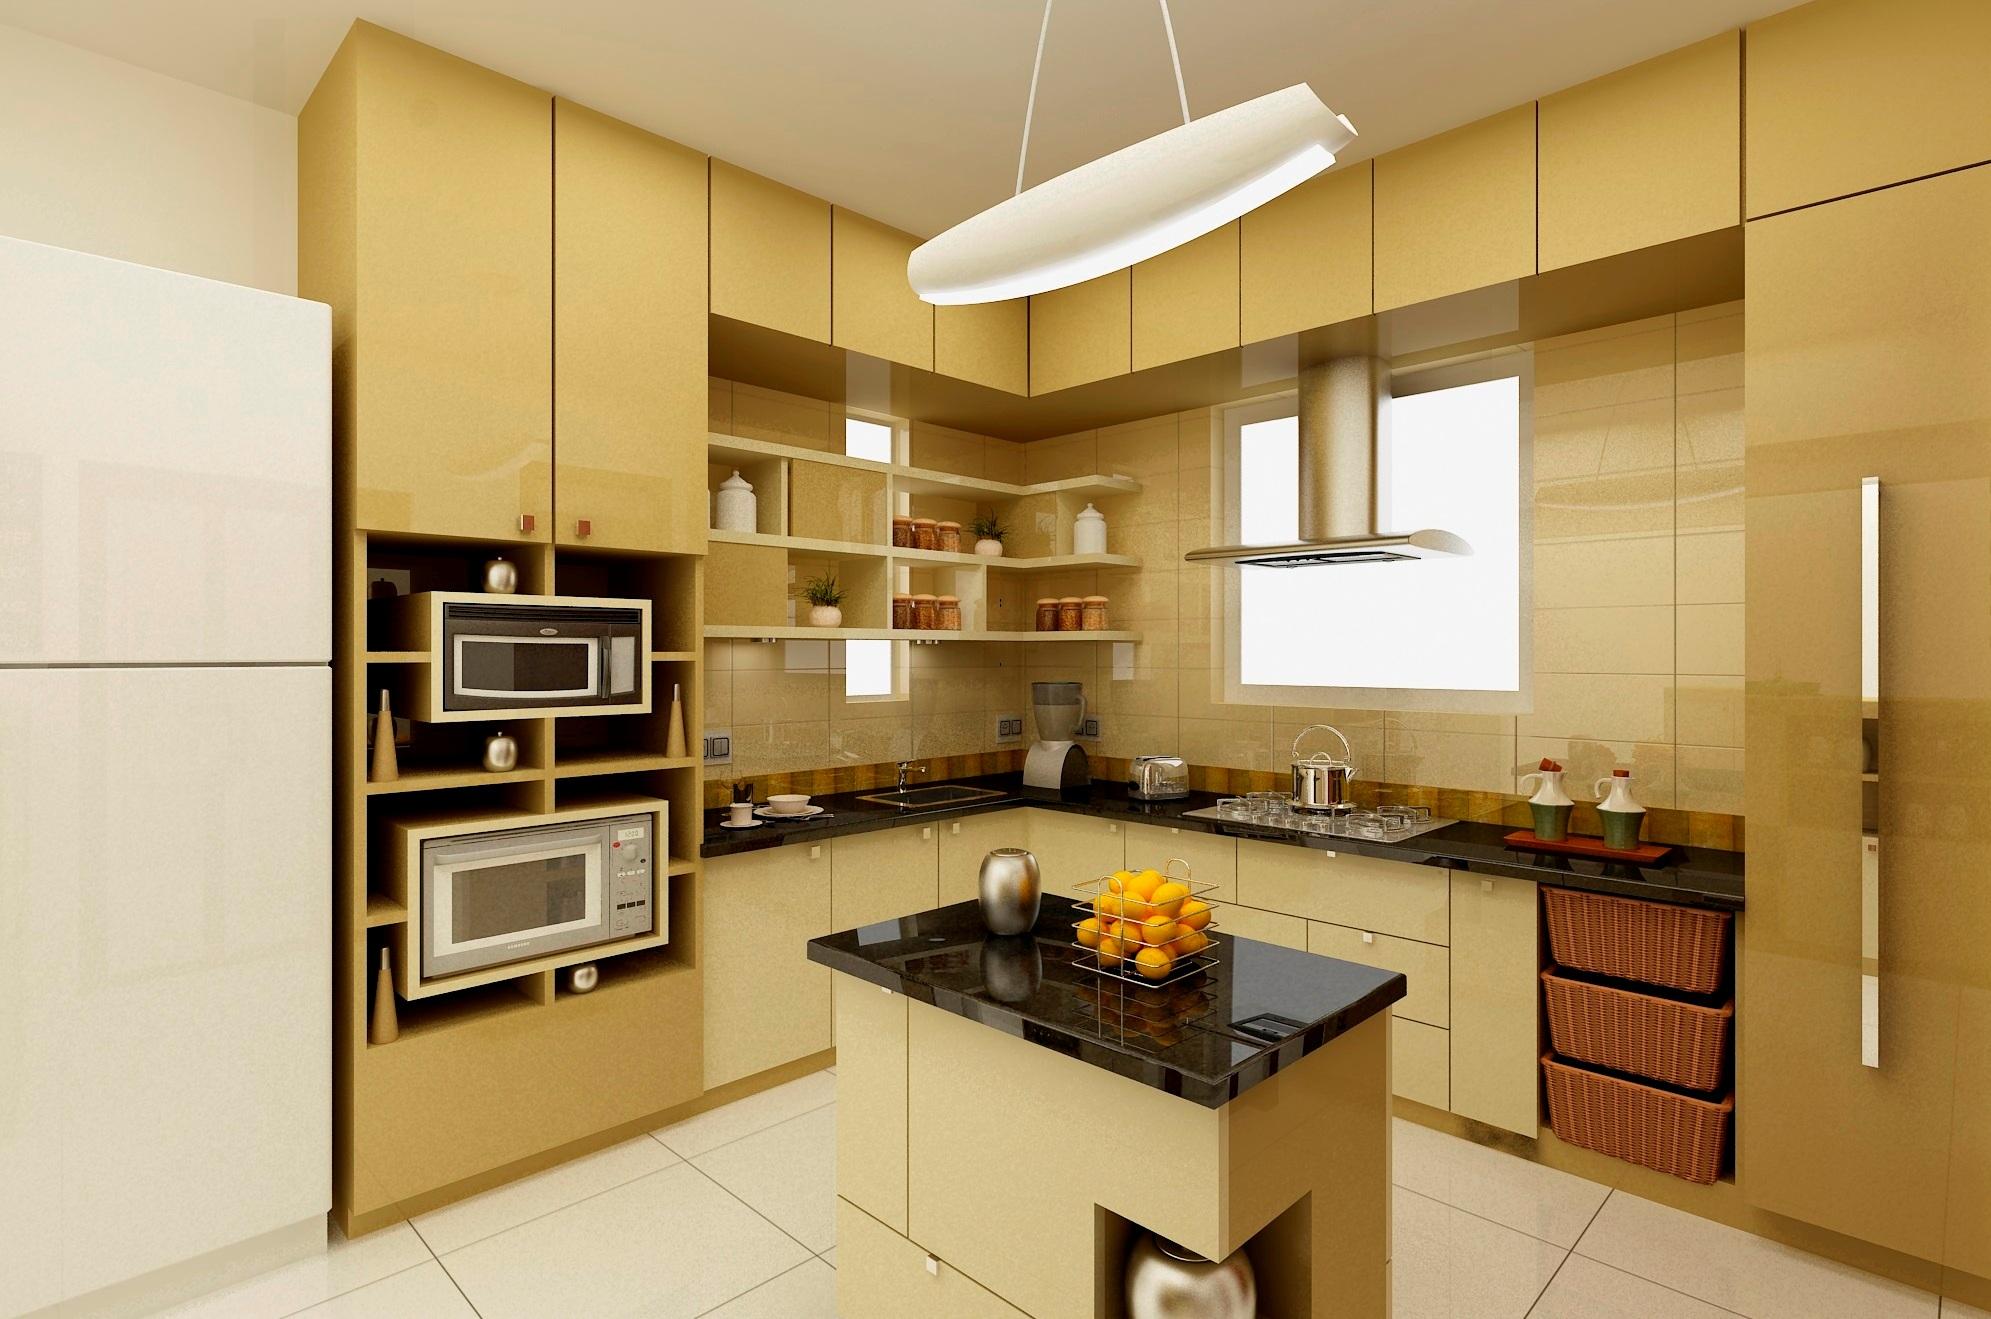 Online Interior Designer Services In Bangalore Best Interior Design Companysite Title